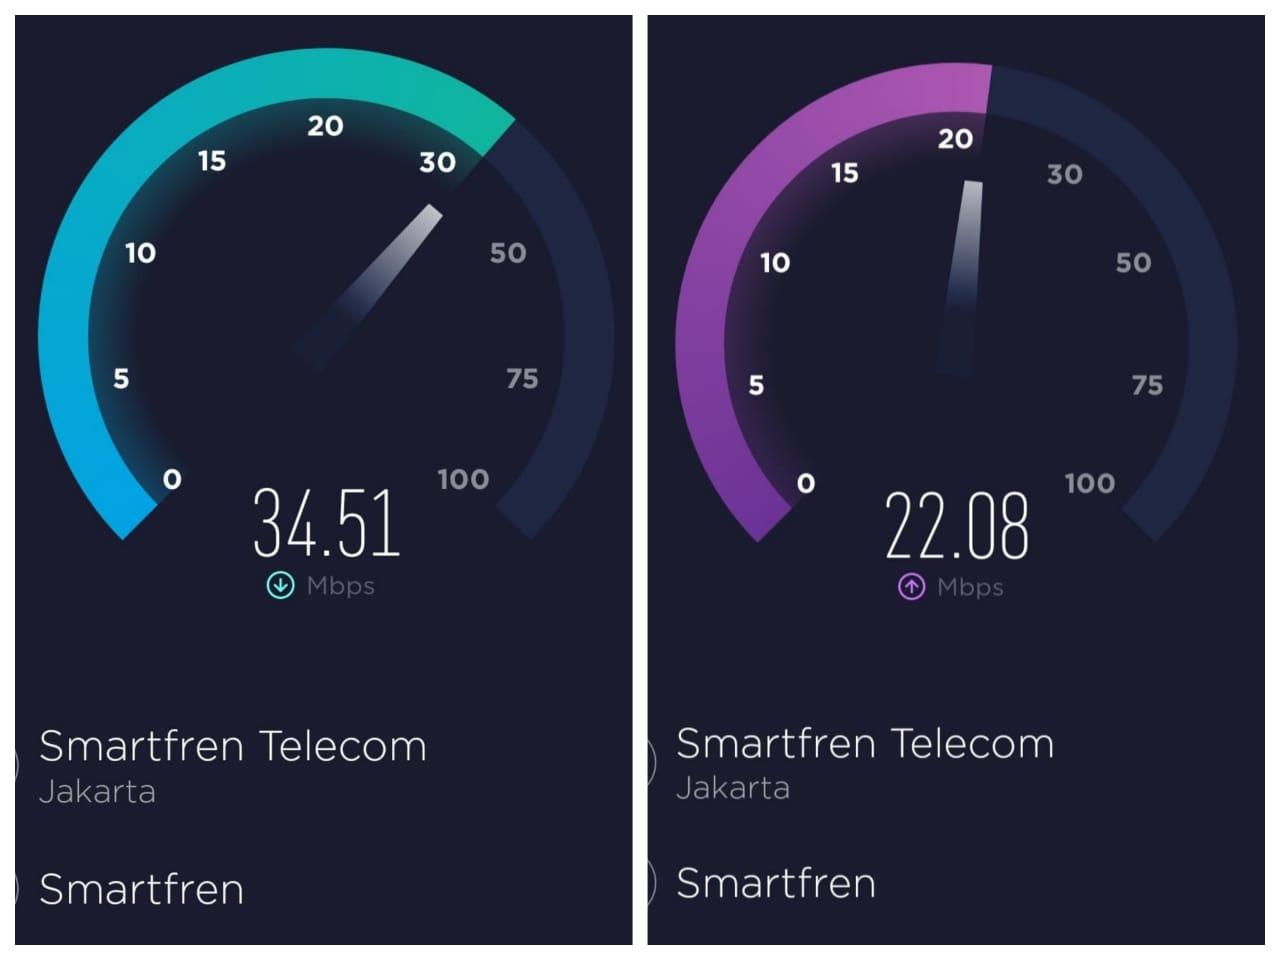 Kecepatan download dan upload smartfren